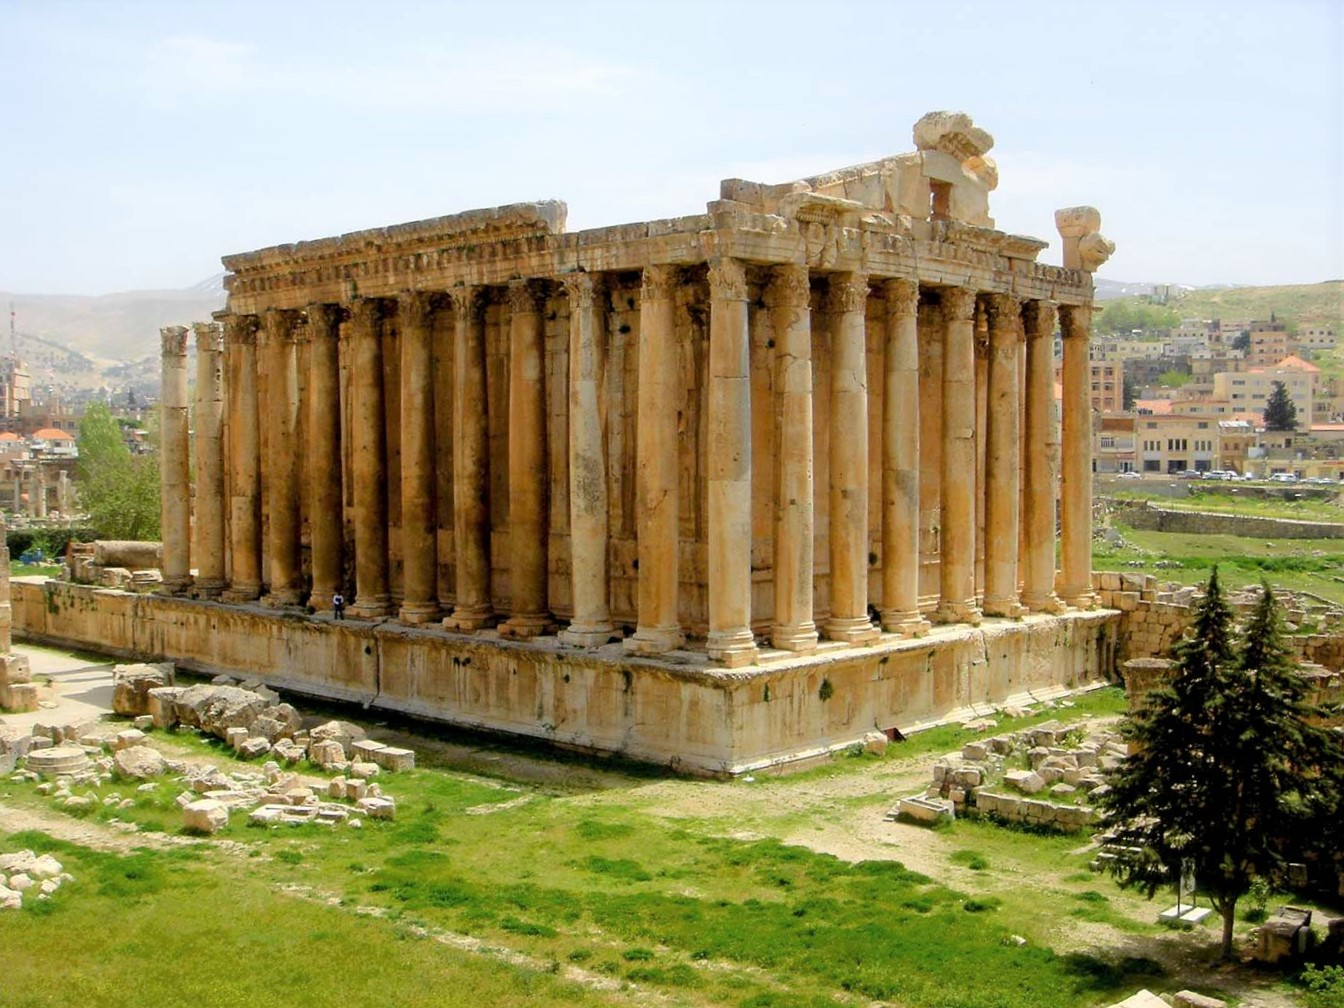 Liban turystycznie, aktualne informacje